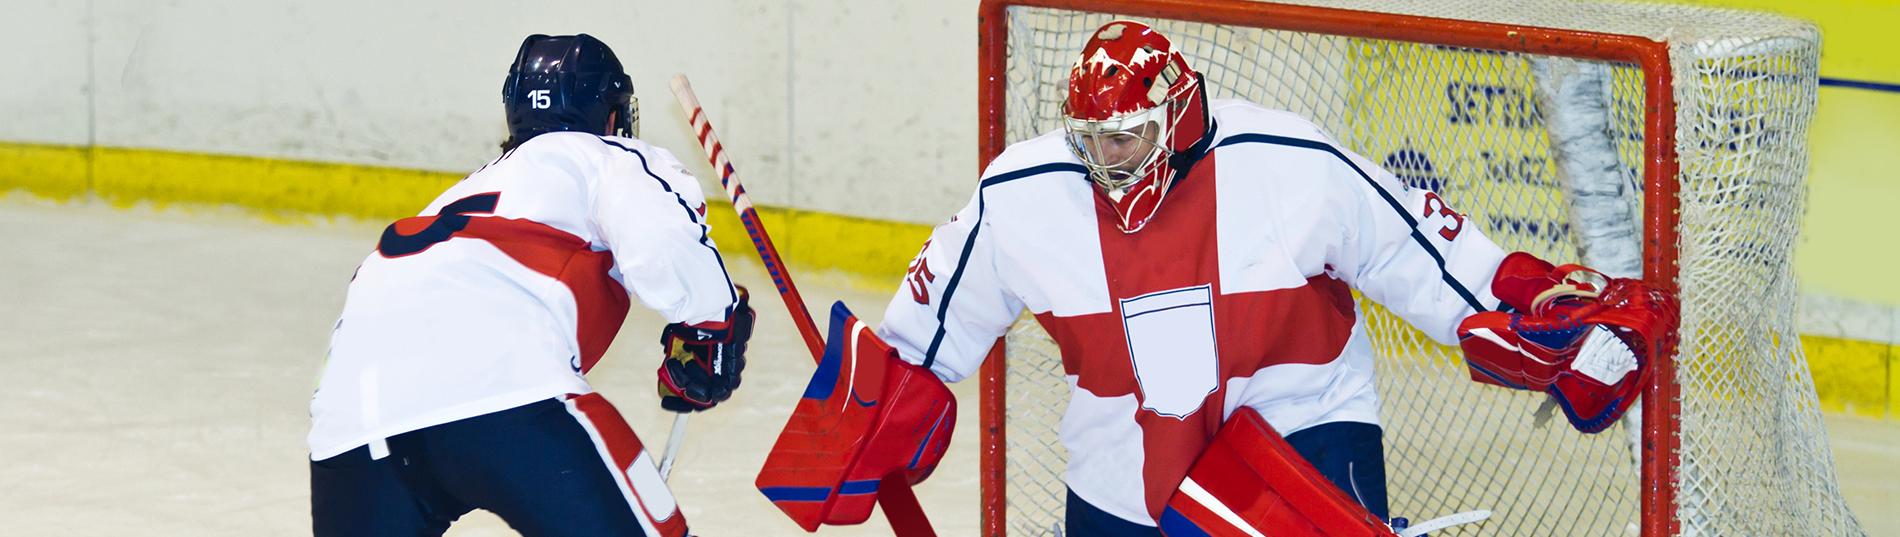 Alberta Canada Ice Hockey Family Advisor Services